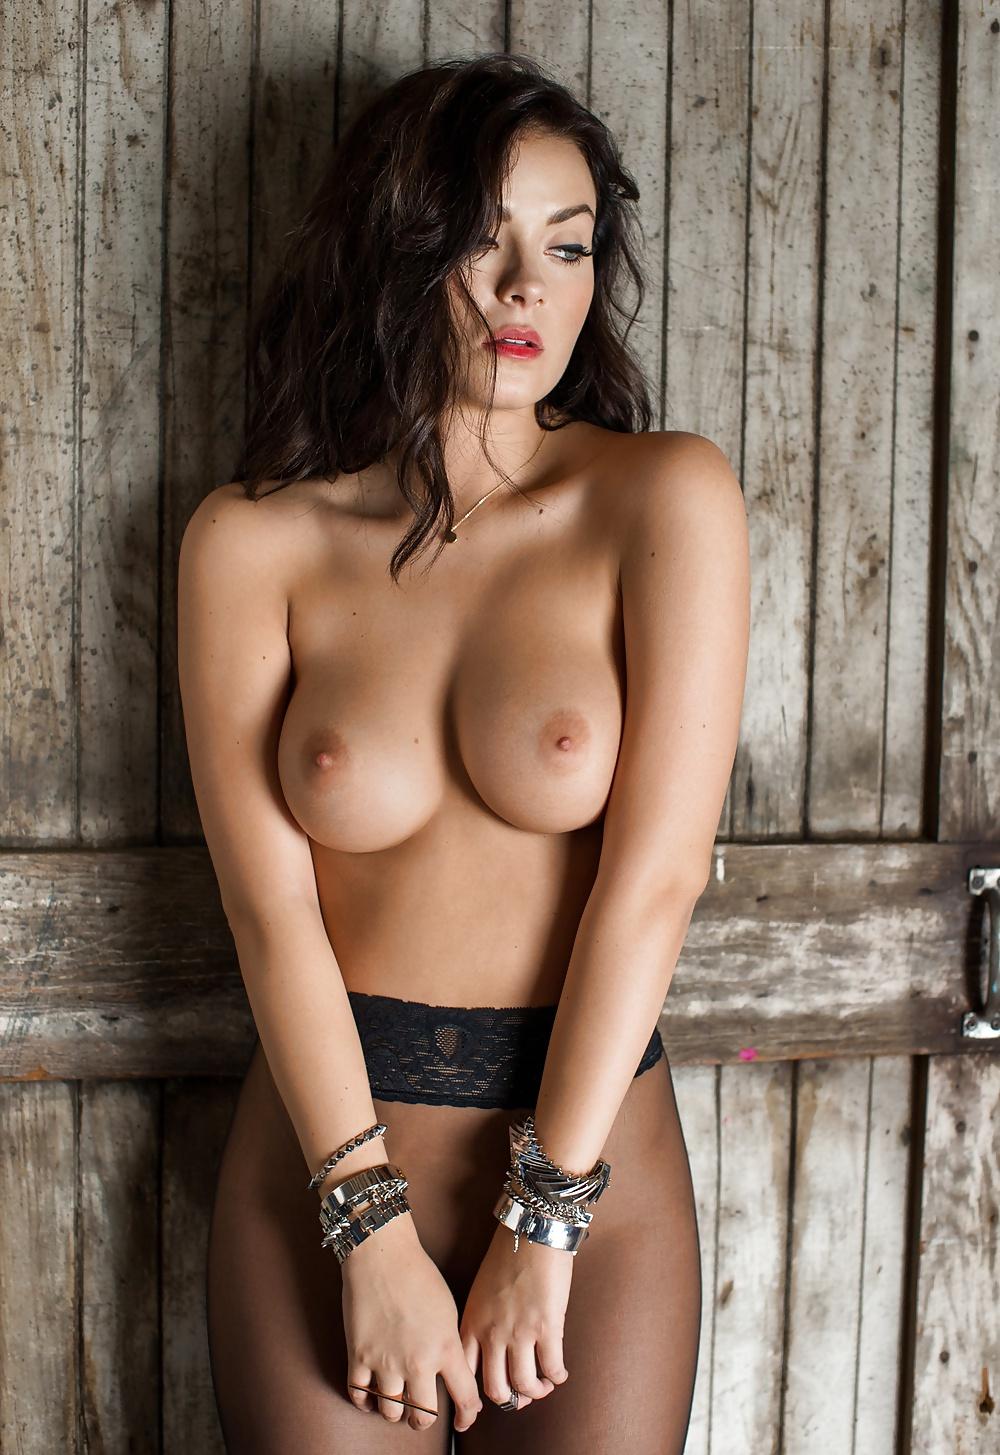 Sasha montenegra nudes, sex mit hooters free porno